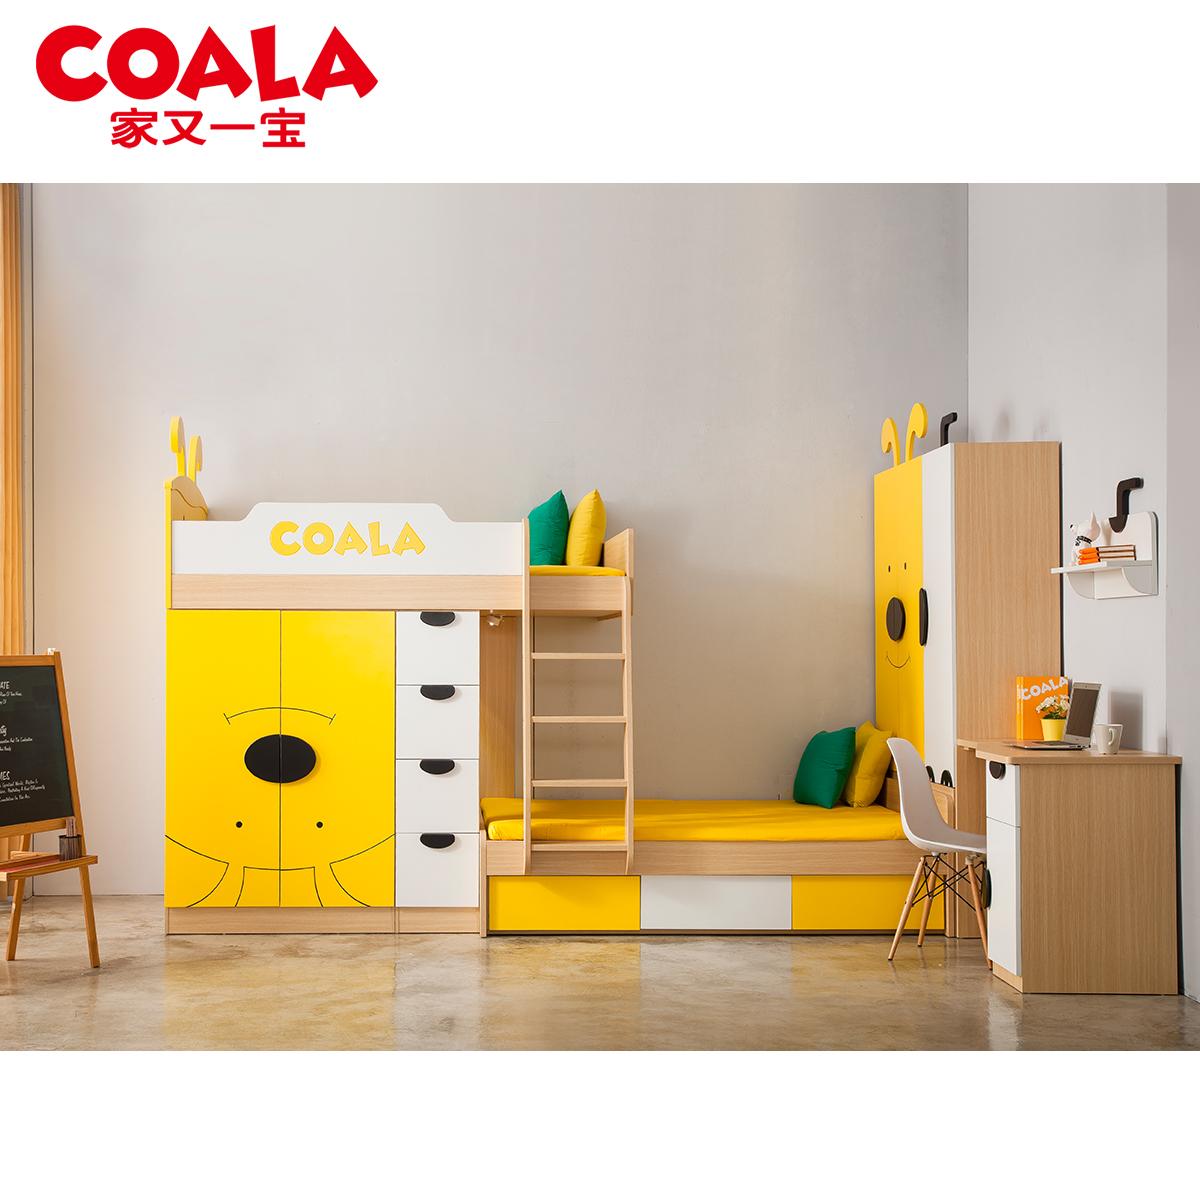 COALA 小户型榻榻米高低床双层床儿童床子母床带衣柜多功能组合床券后5724.00元